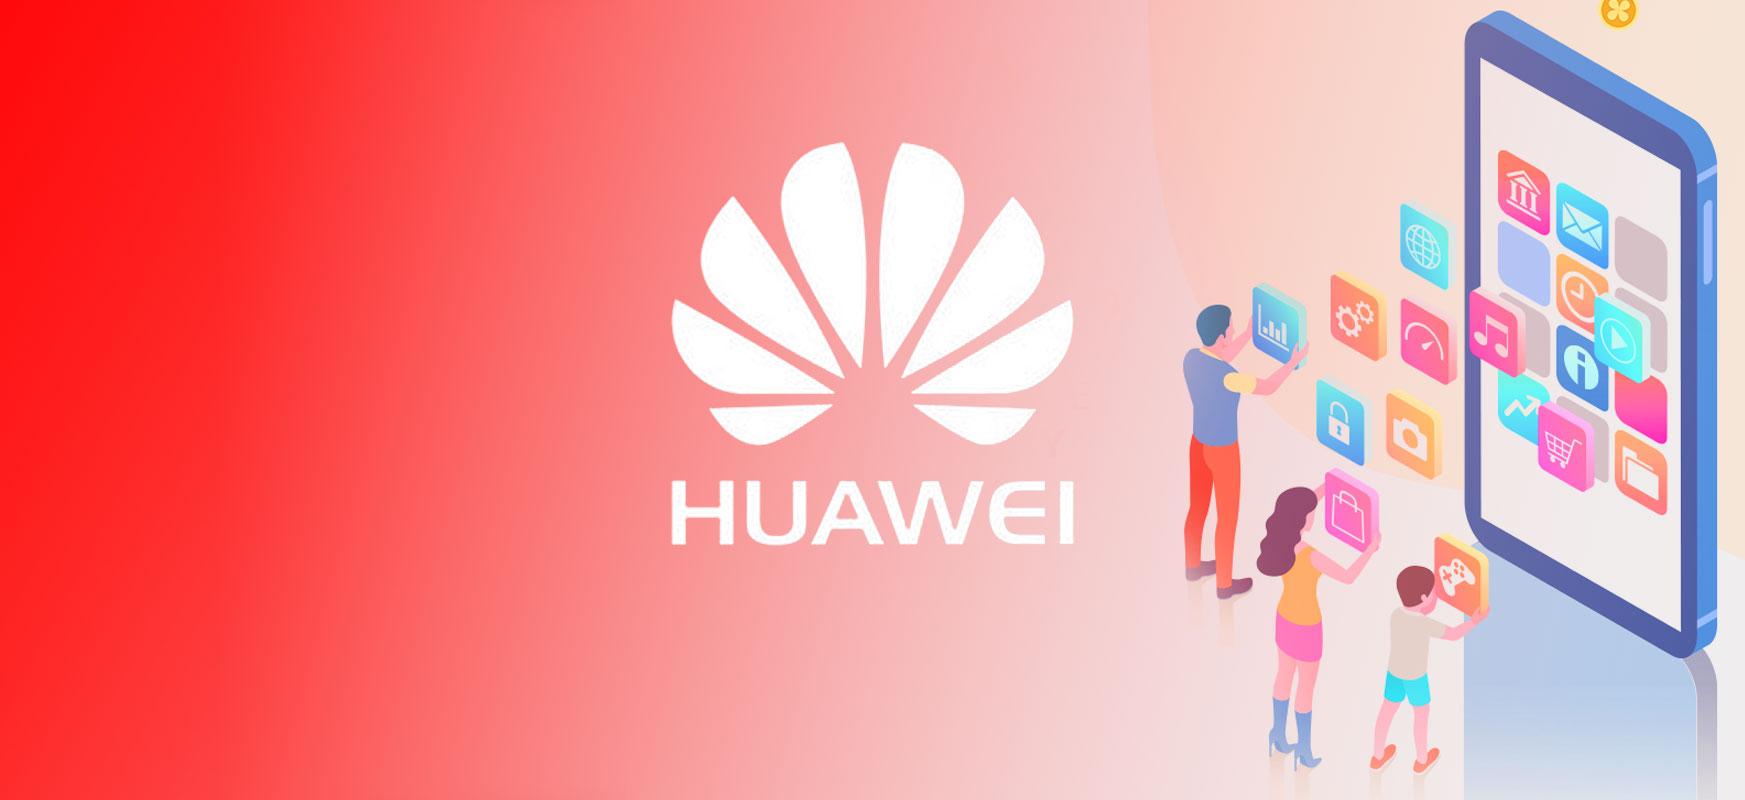 Huawei AppGallery - puntuak nola irabazi eta zertan gastatu?